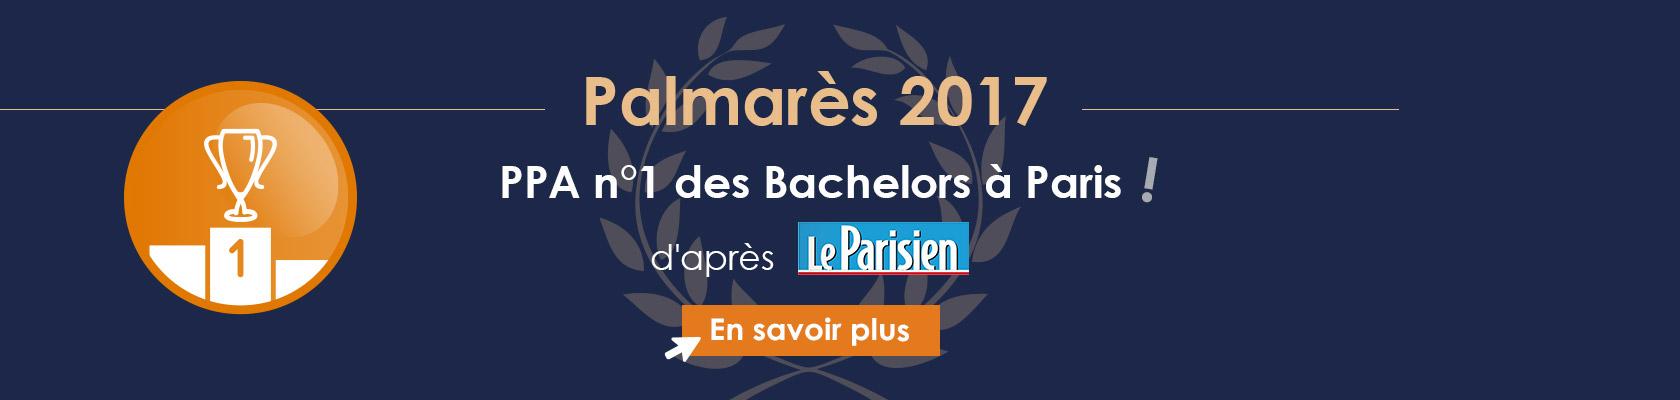 PPA n°1 des Bachelors à Paris !